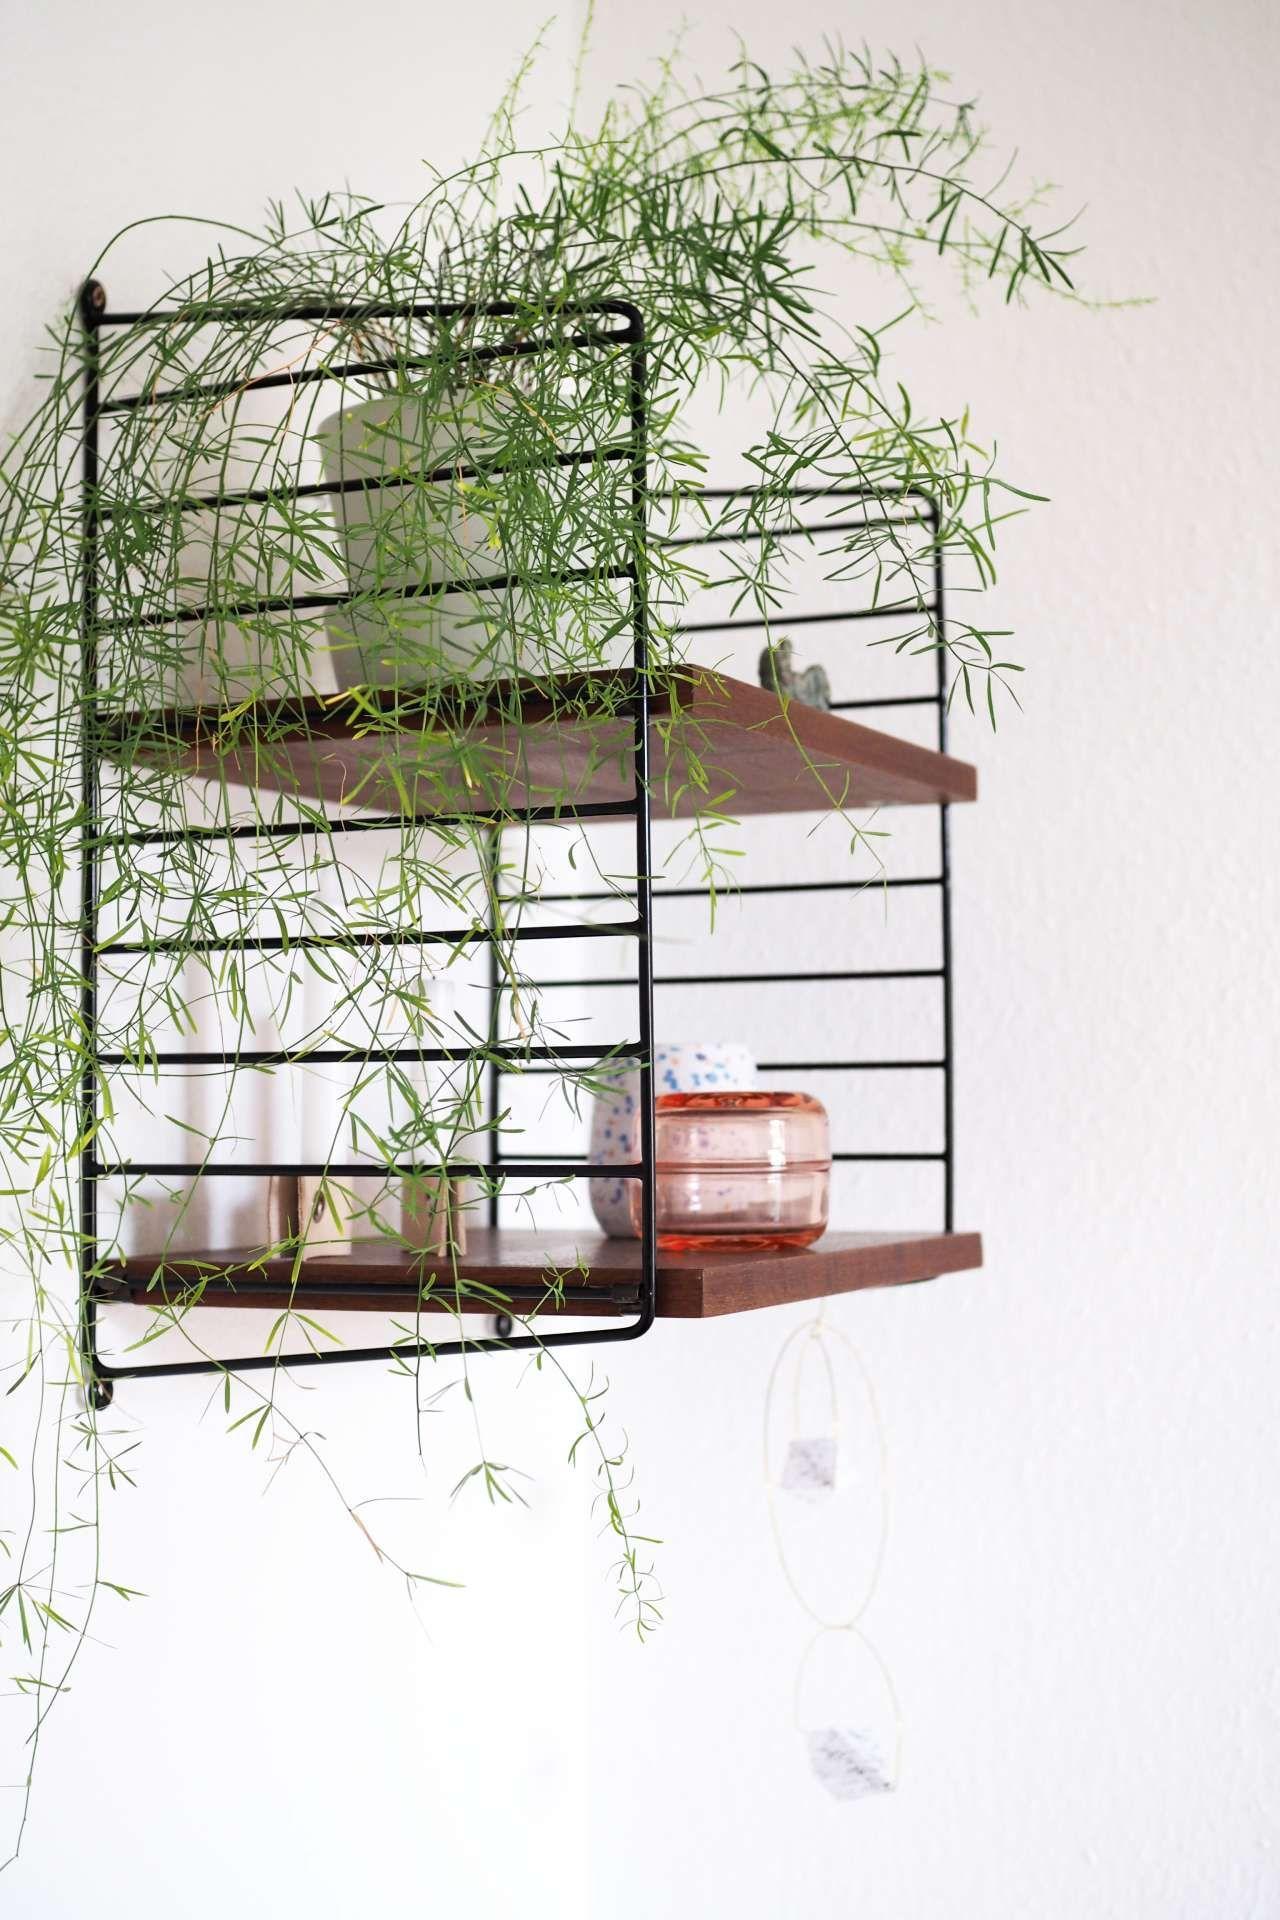 Mein Zuhause: Wohnen mit Pflanzen | Ikea ivar, Grüne wohnzimmer und ...